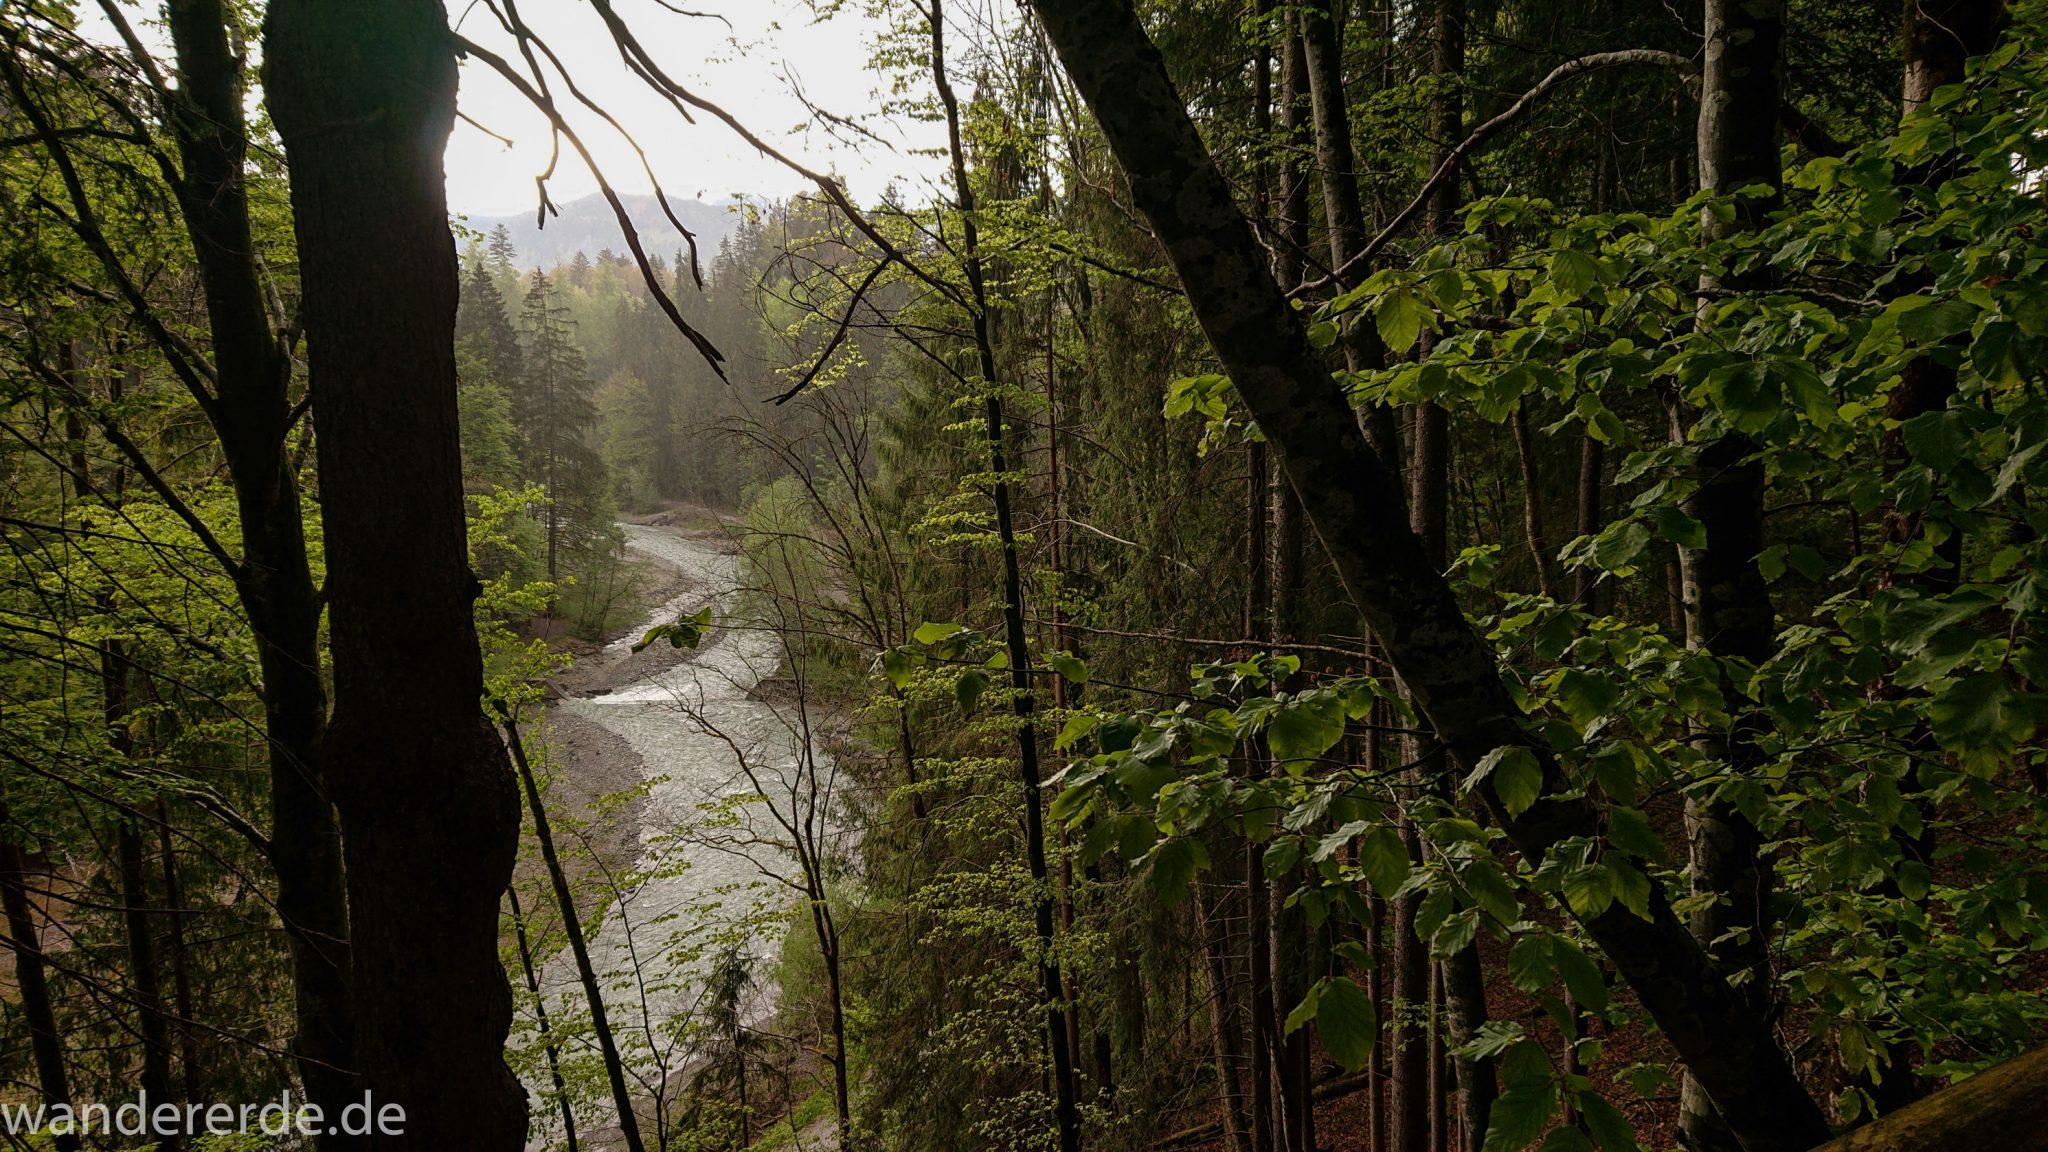 Wanderung im Oytal bei Oberstdorf im Allgäu, Bayern, Wanderung Richtung Oberstdorf über den Kühberg, sehr schöne Atmosphäre bei einsetzendem Regen, Aussicht auf Fluß Trettach im Tal, saftig grüne und dichte Wälder im Trettachtal